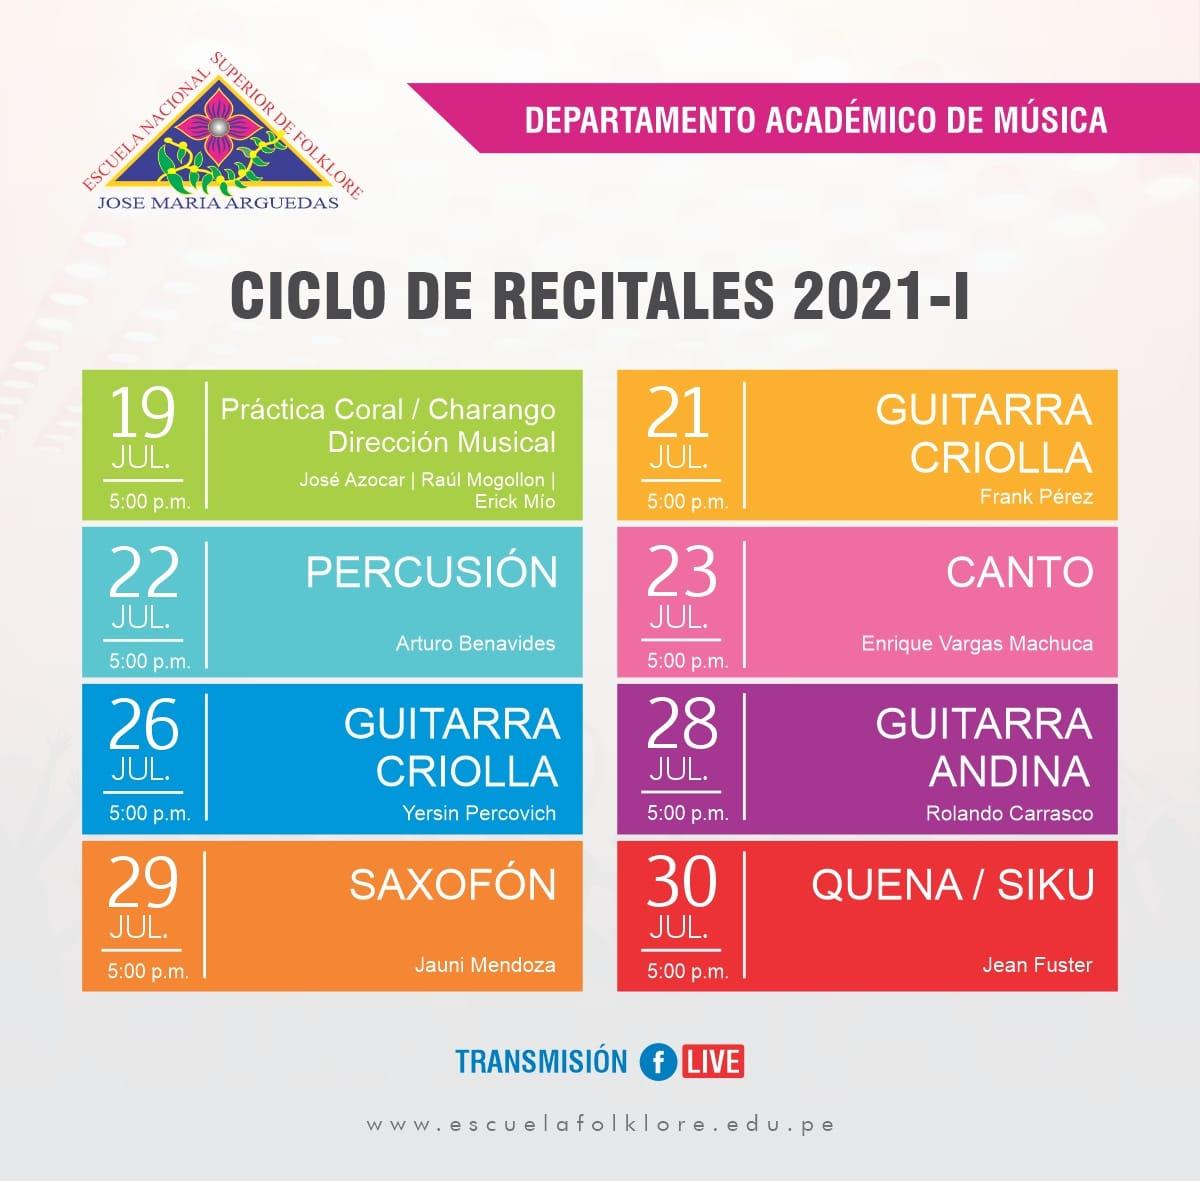 CICLO DE RECITALES 2021-I